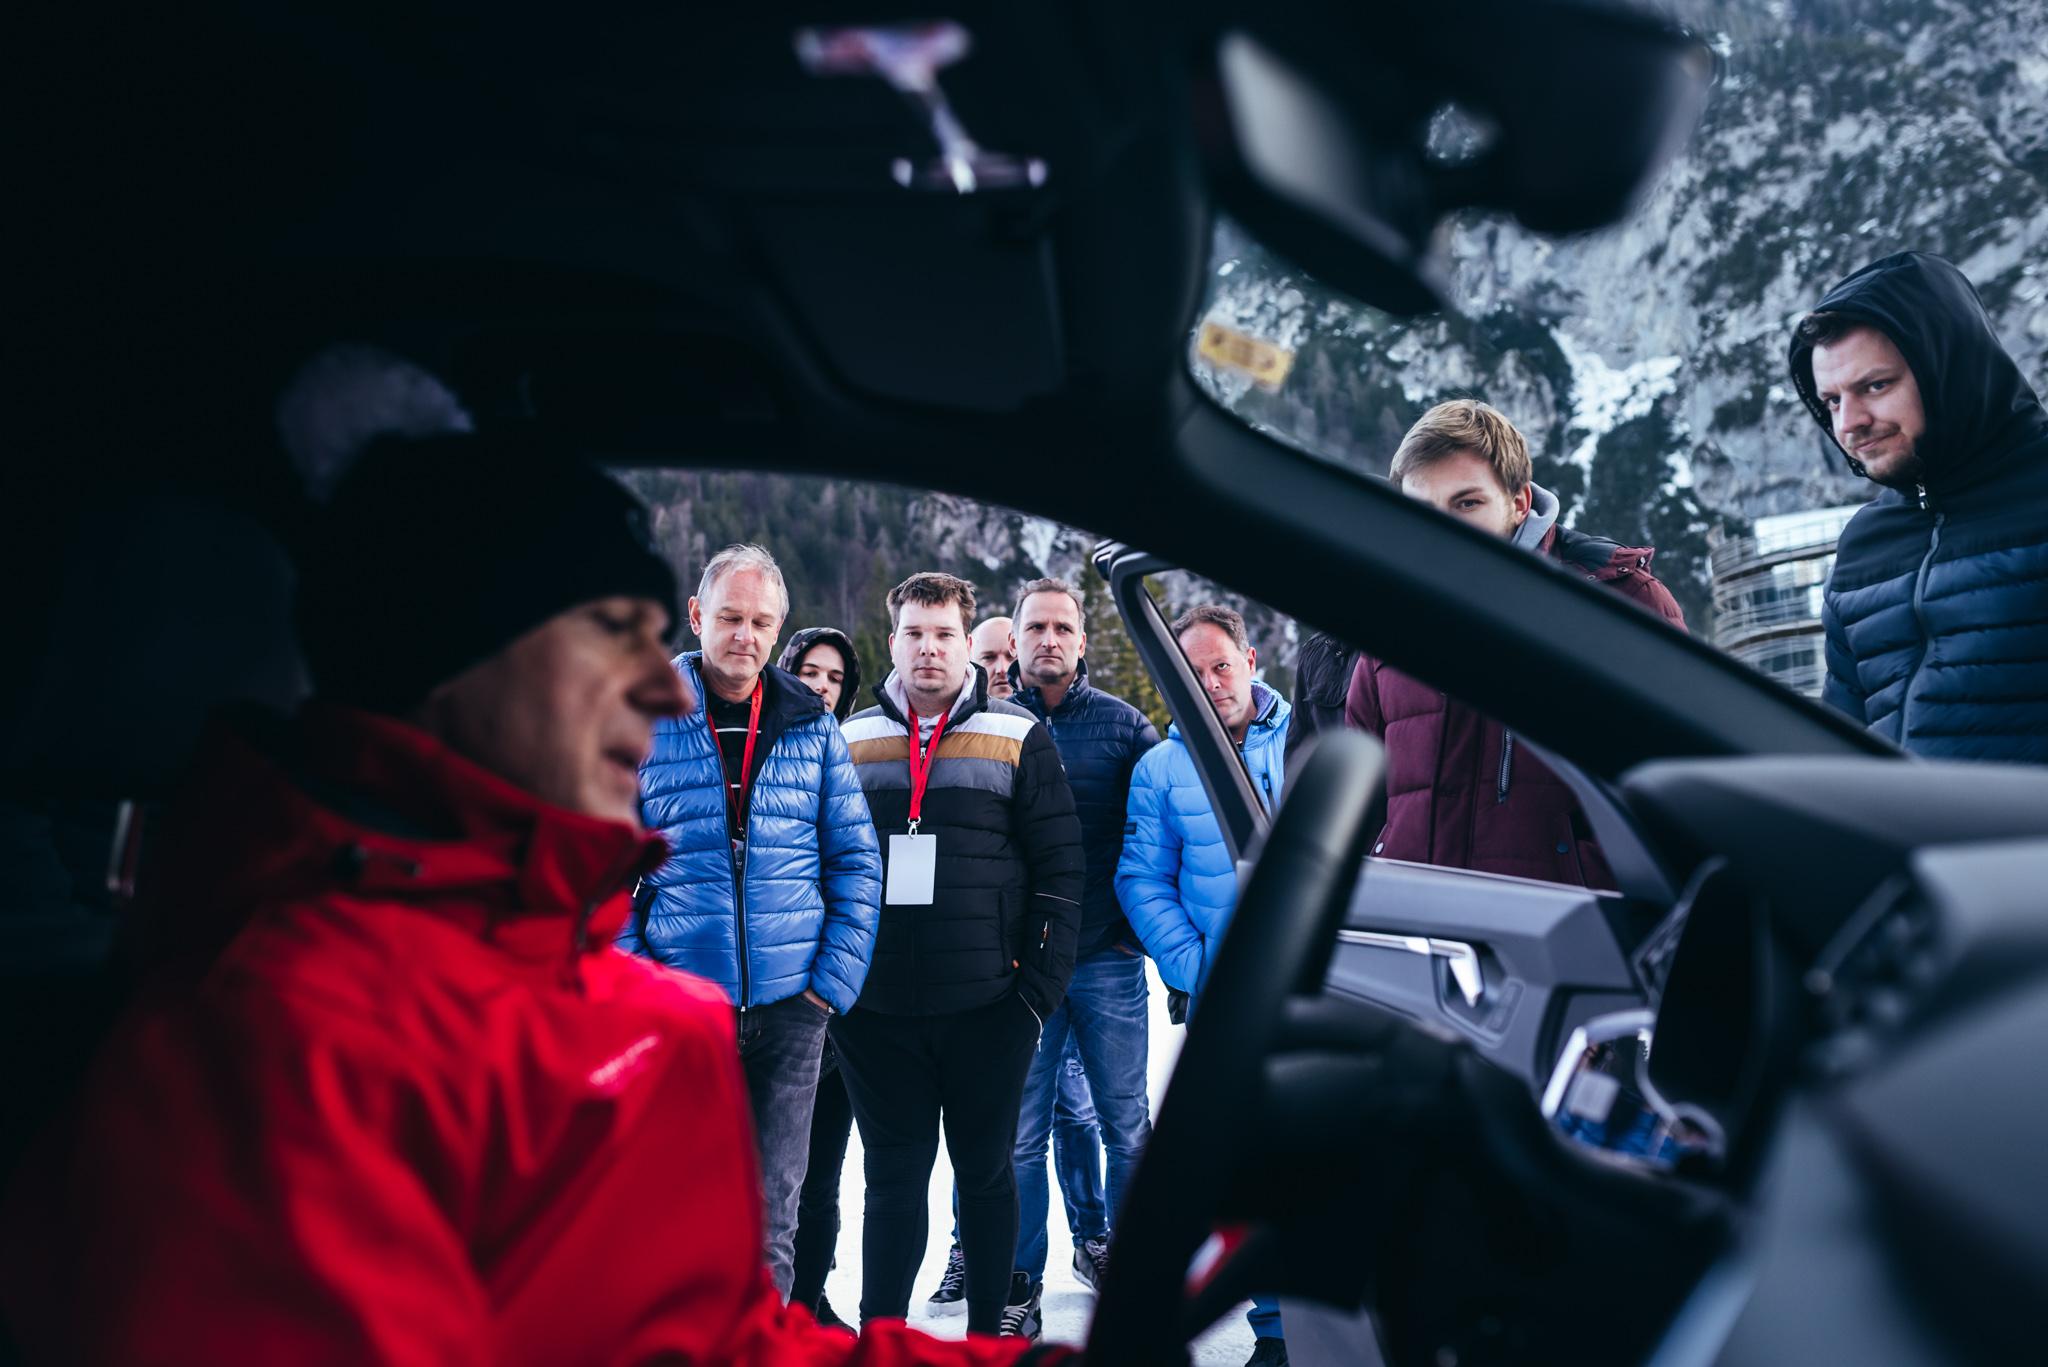 Voznik Audija sedi za volanom, in govori z udeleženci Audijevega dogodka.